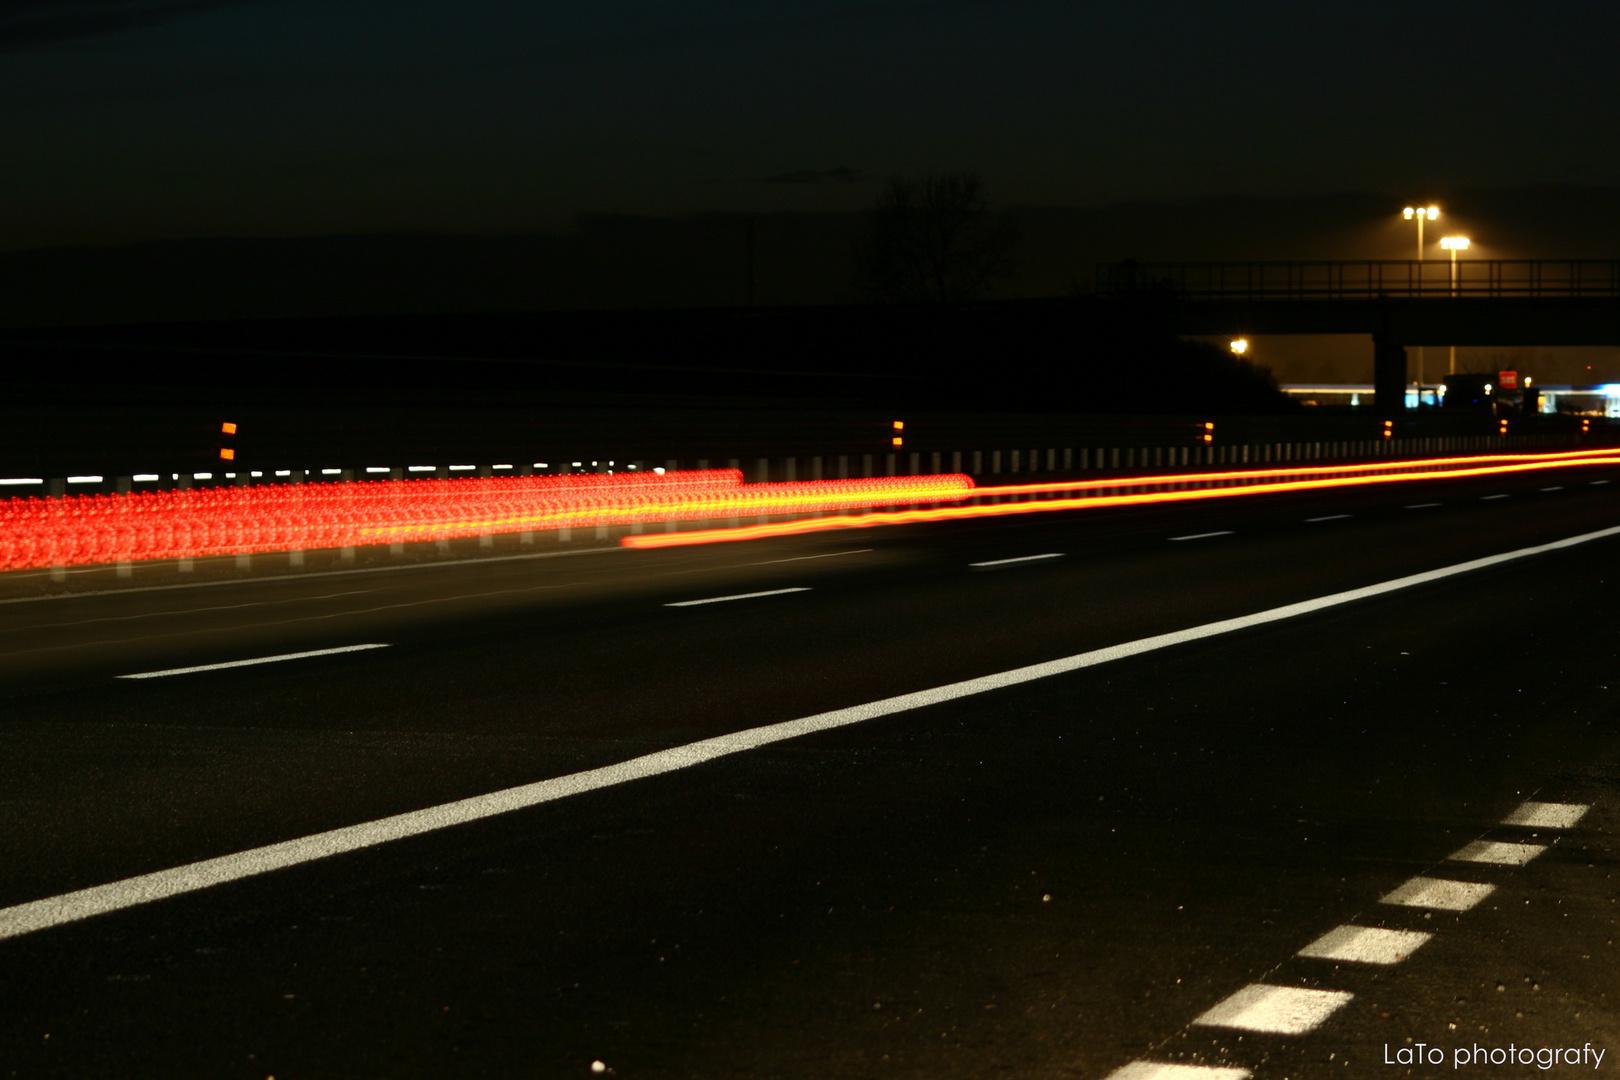 le luci dell'autostrada...